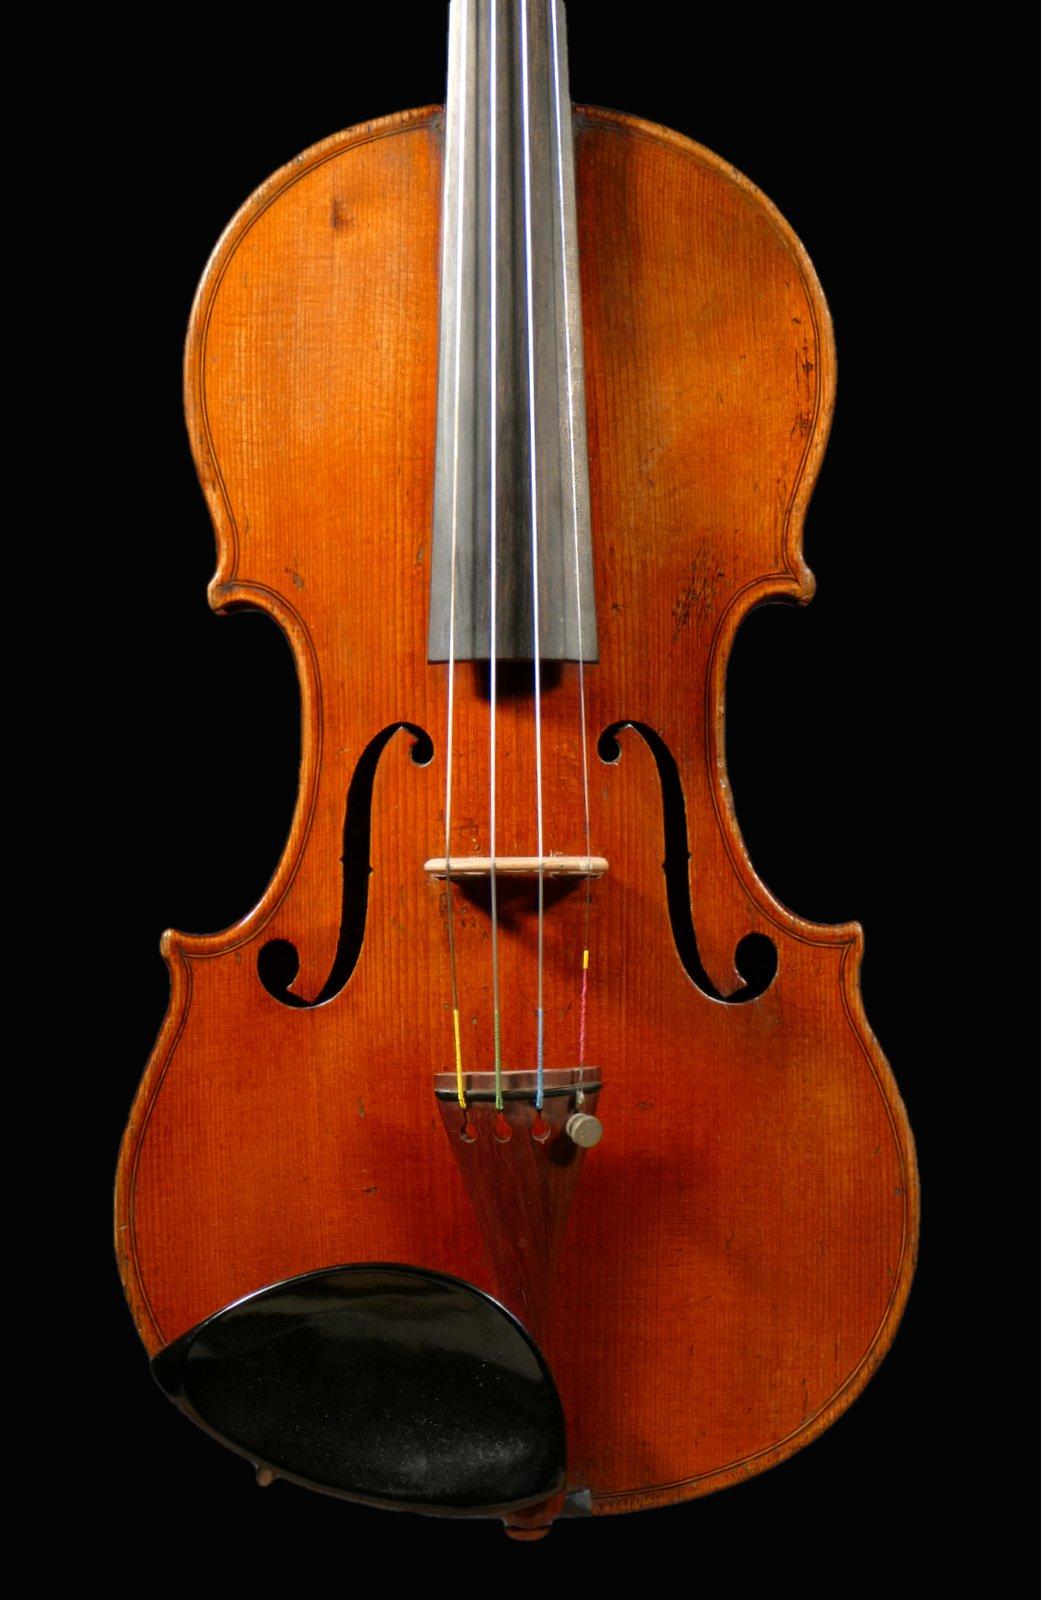 Italian violin made for Girolamo Trucco, Savona ca 1840